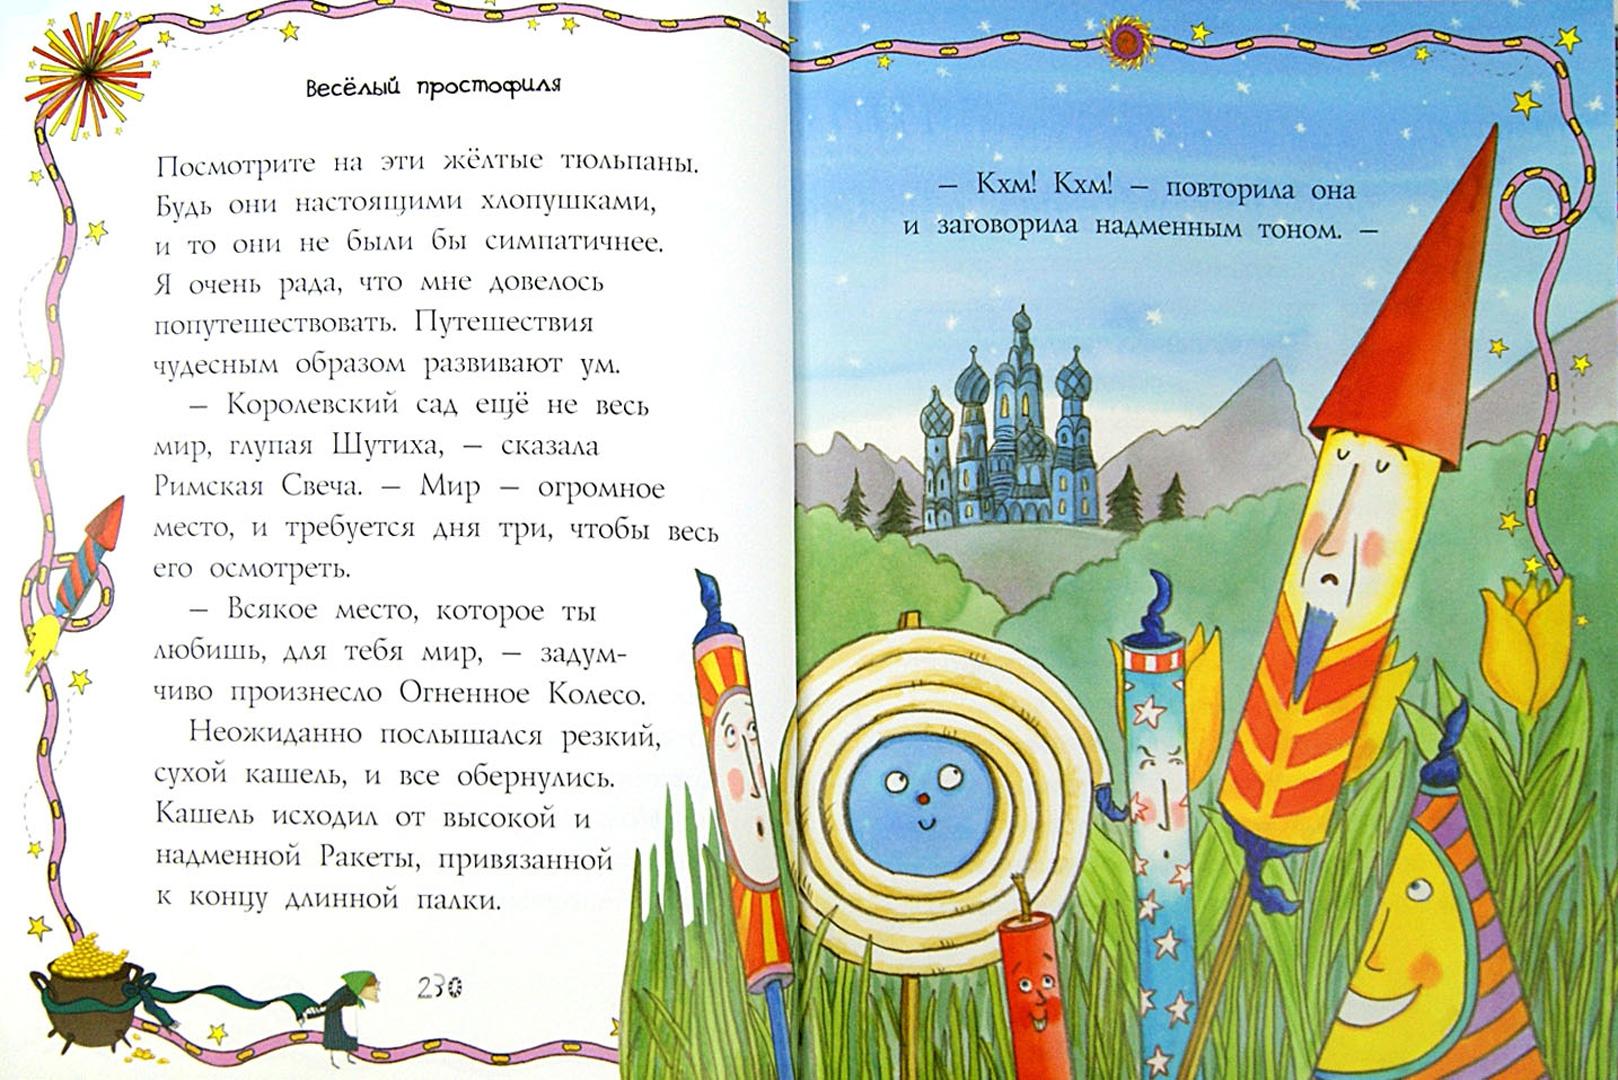 Иллюстрация 1 из 25 для 50 весёлых сказок - Киплинг, Андерсен, Уайльд | Лабиринт - книги. Источник: Лабиринт